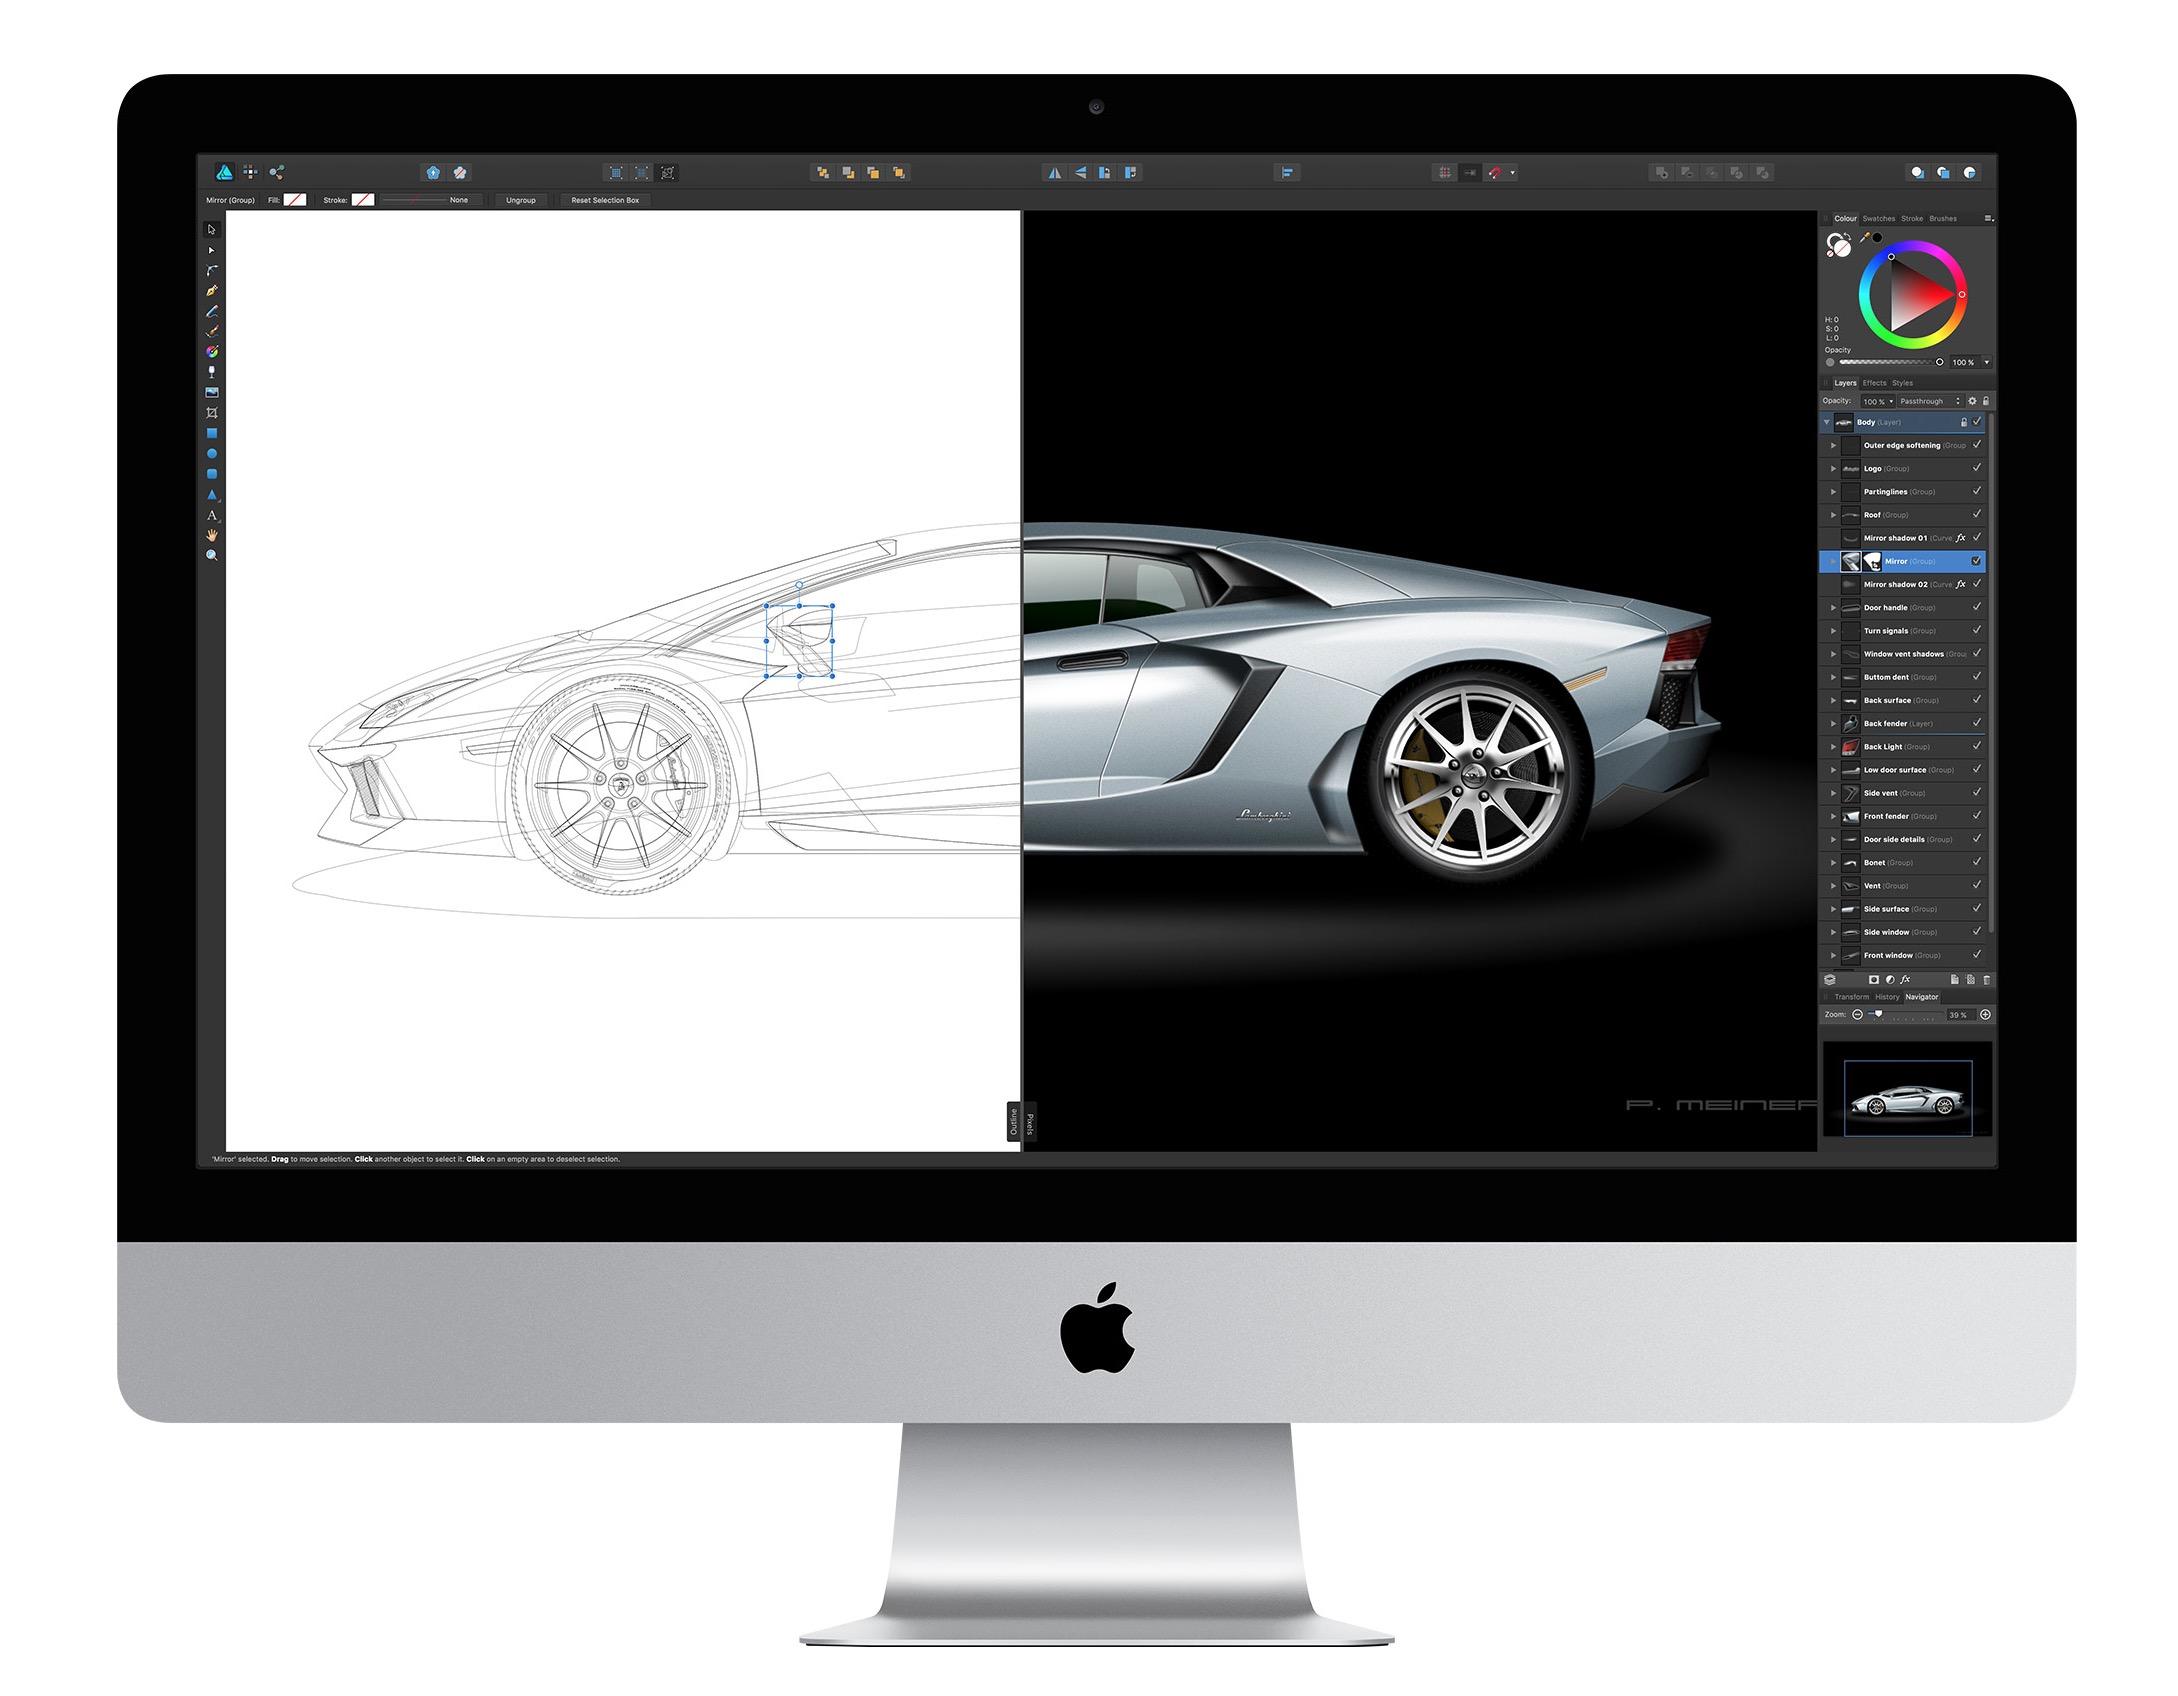 iMac e CAD